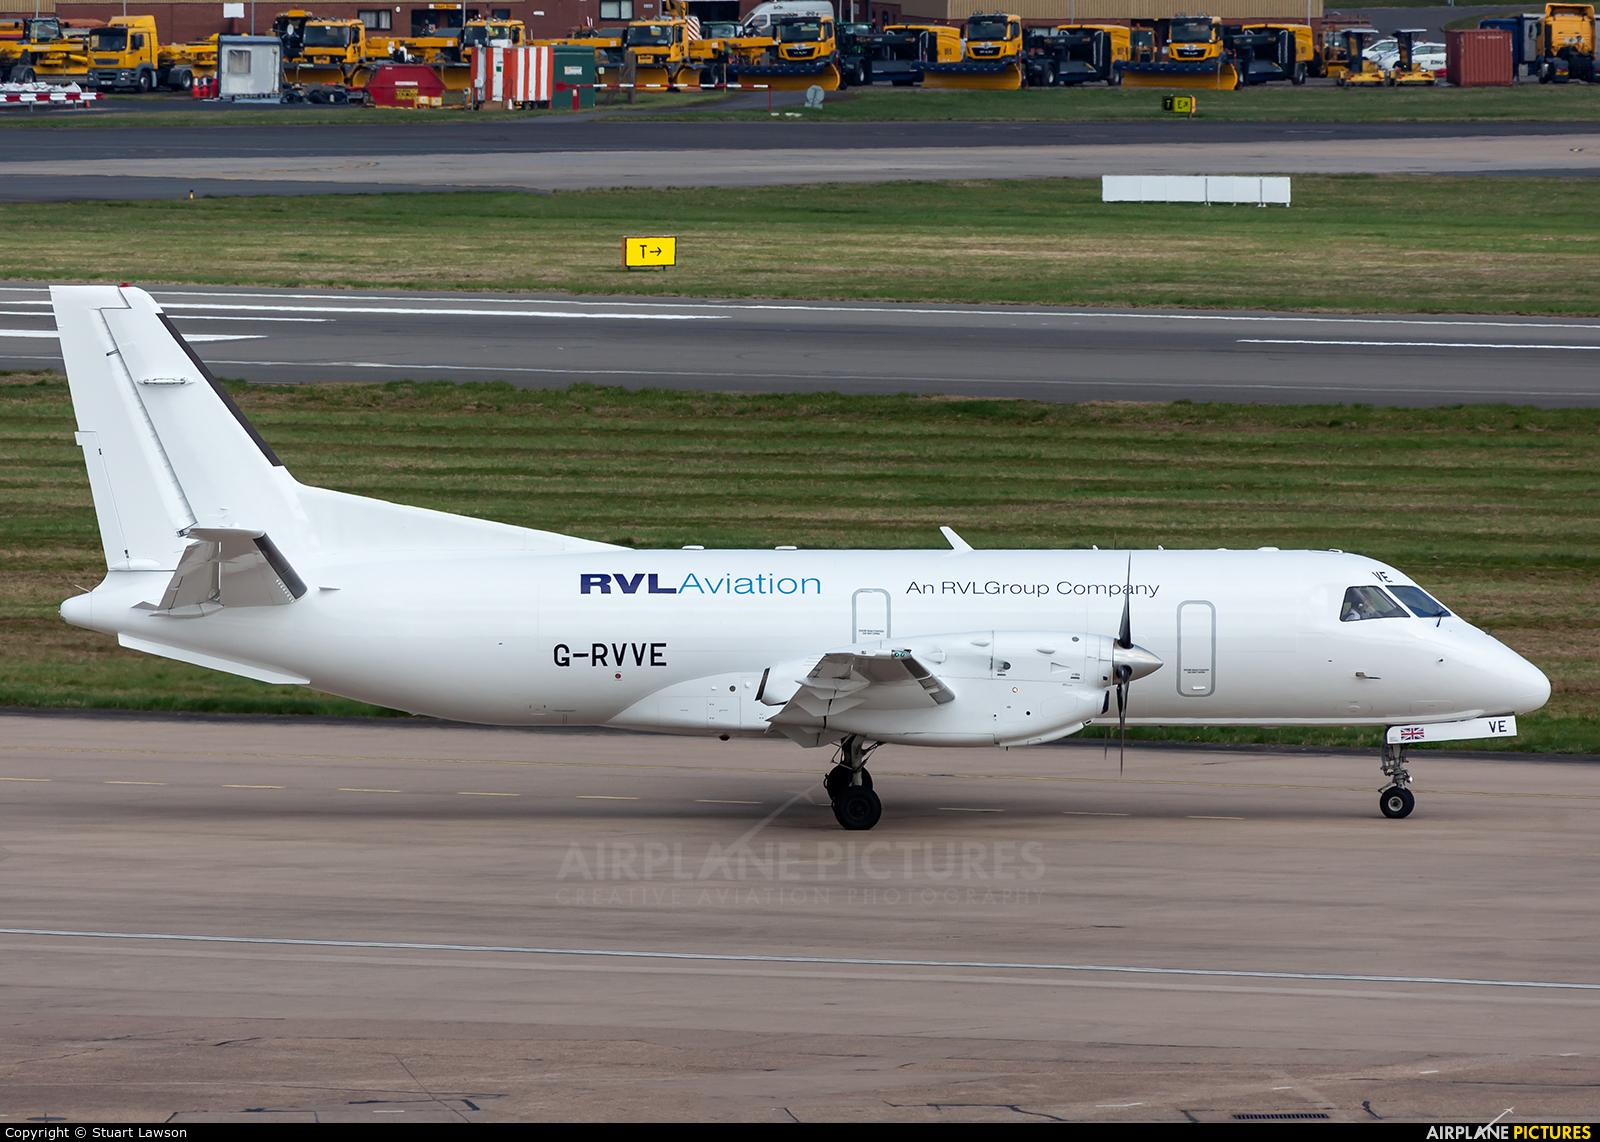 RVL Aviation G-RVVE aircraft at Birmingham